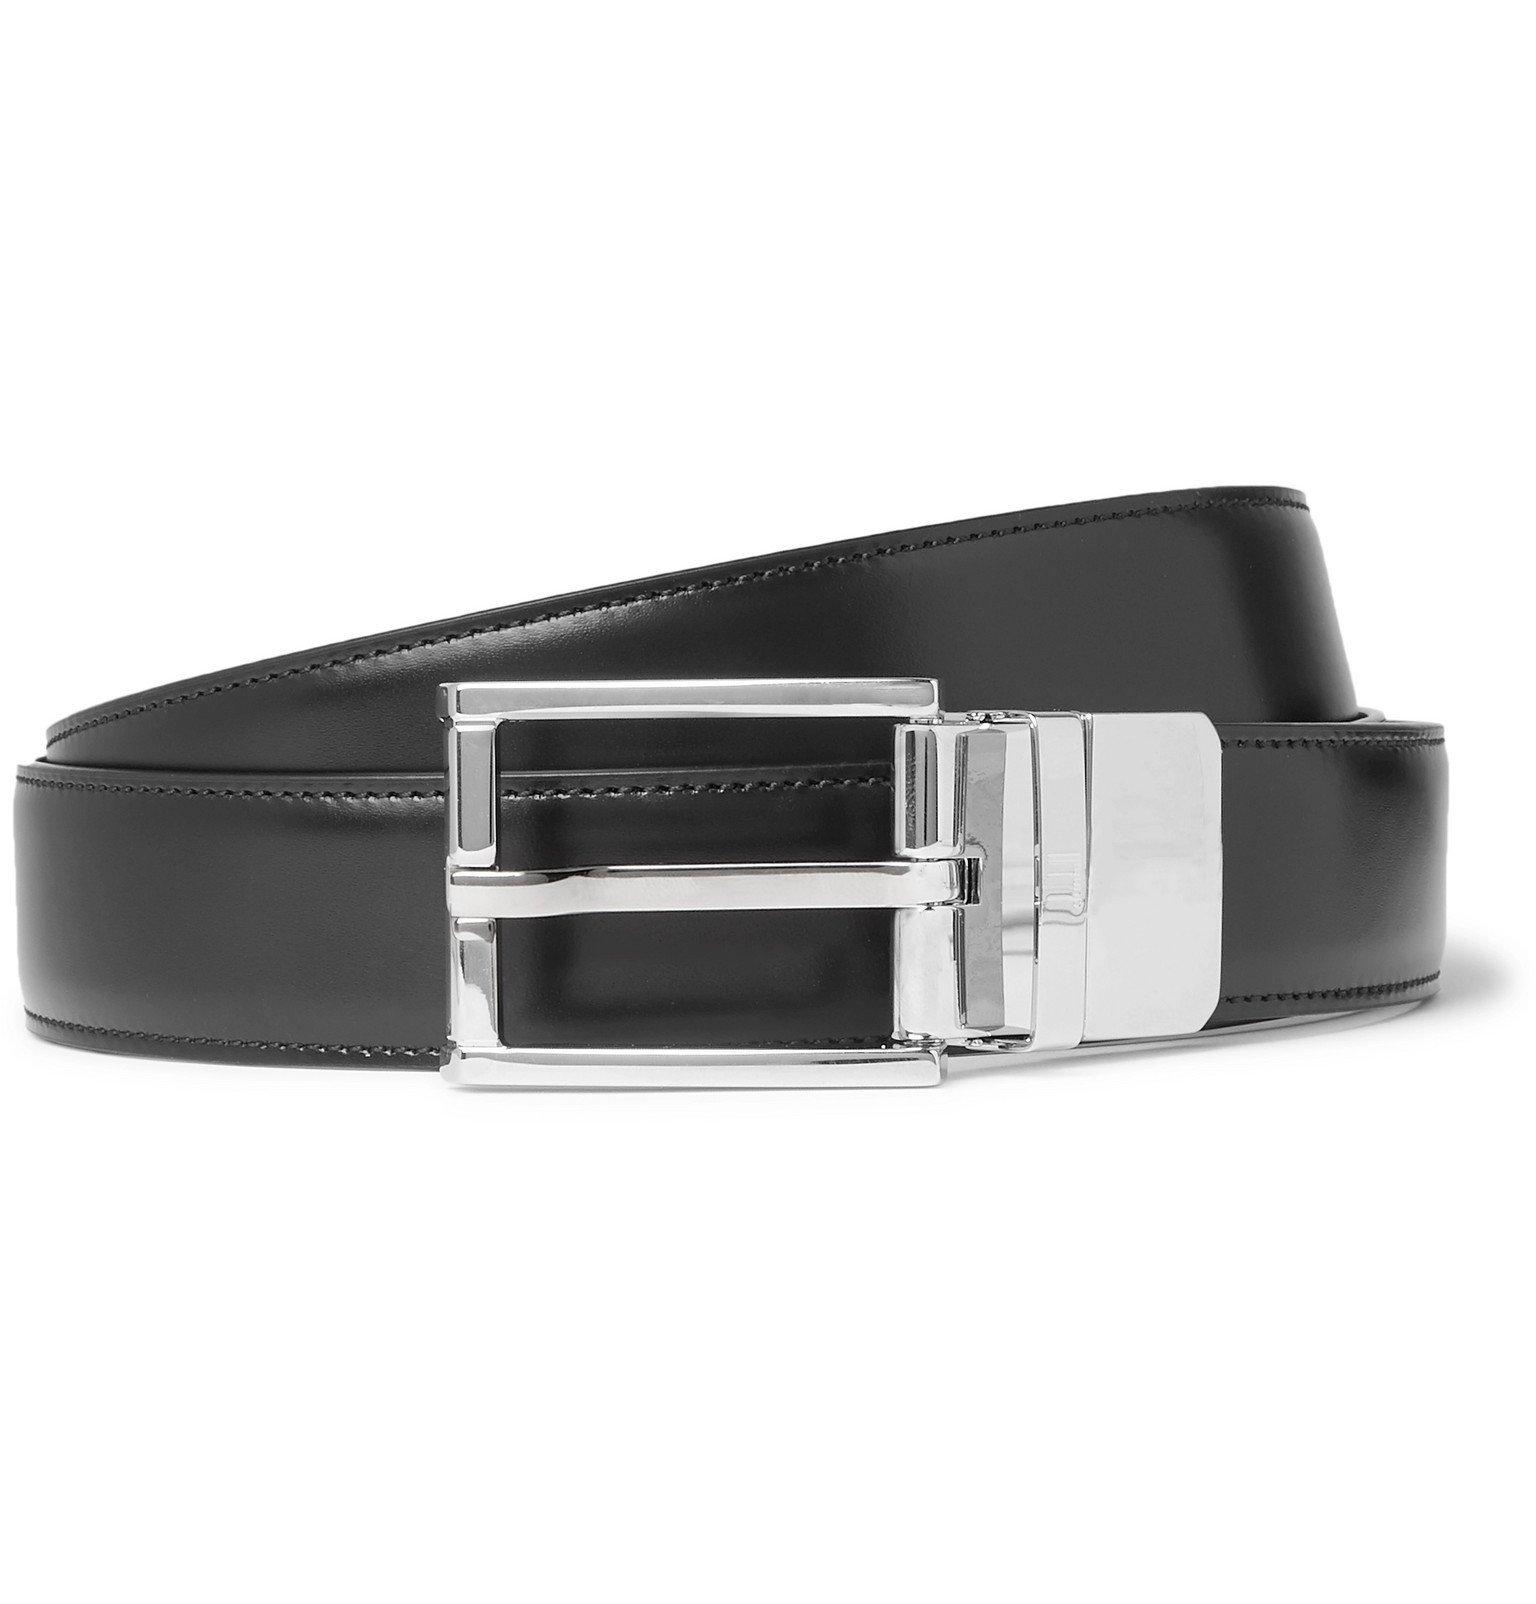 Dunhill - 3cm Black Leather Belt - Black